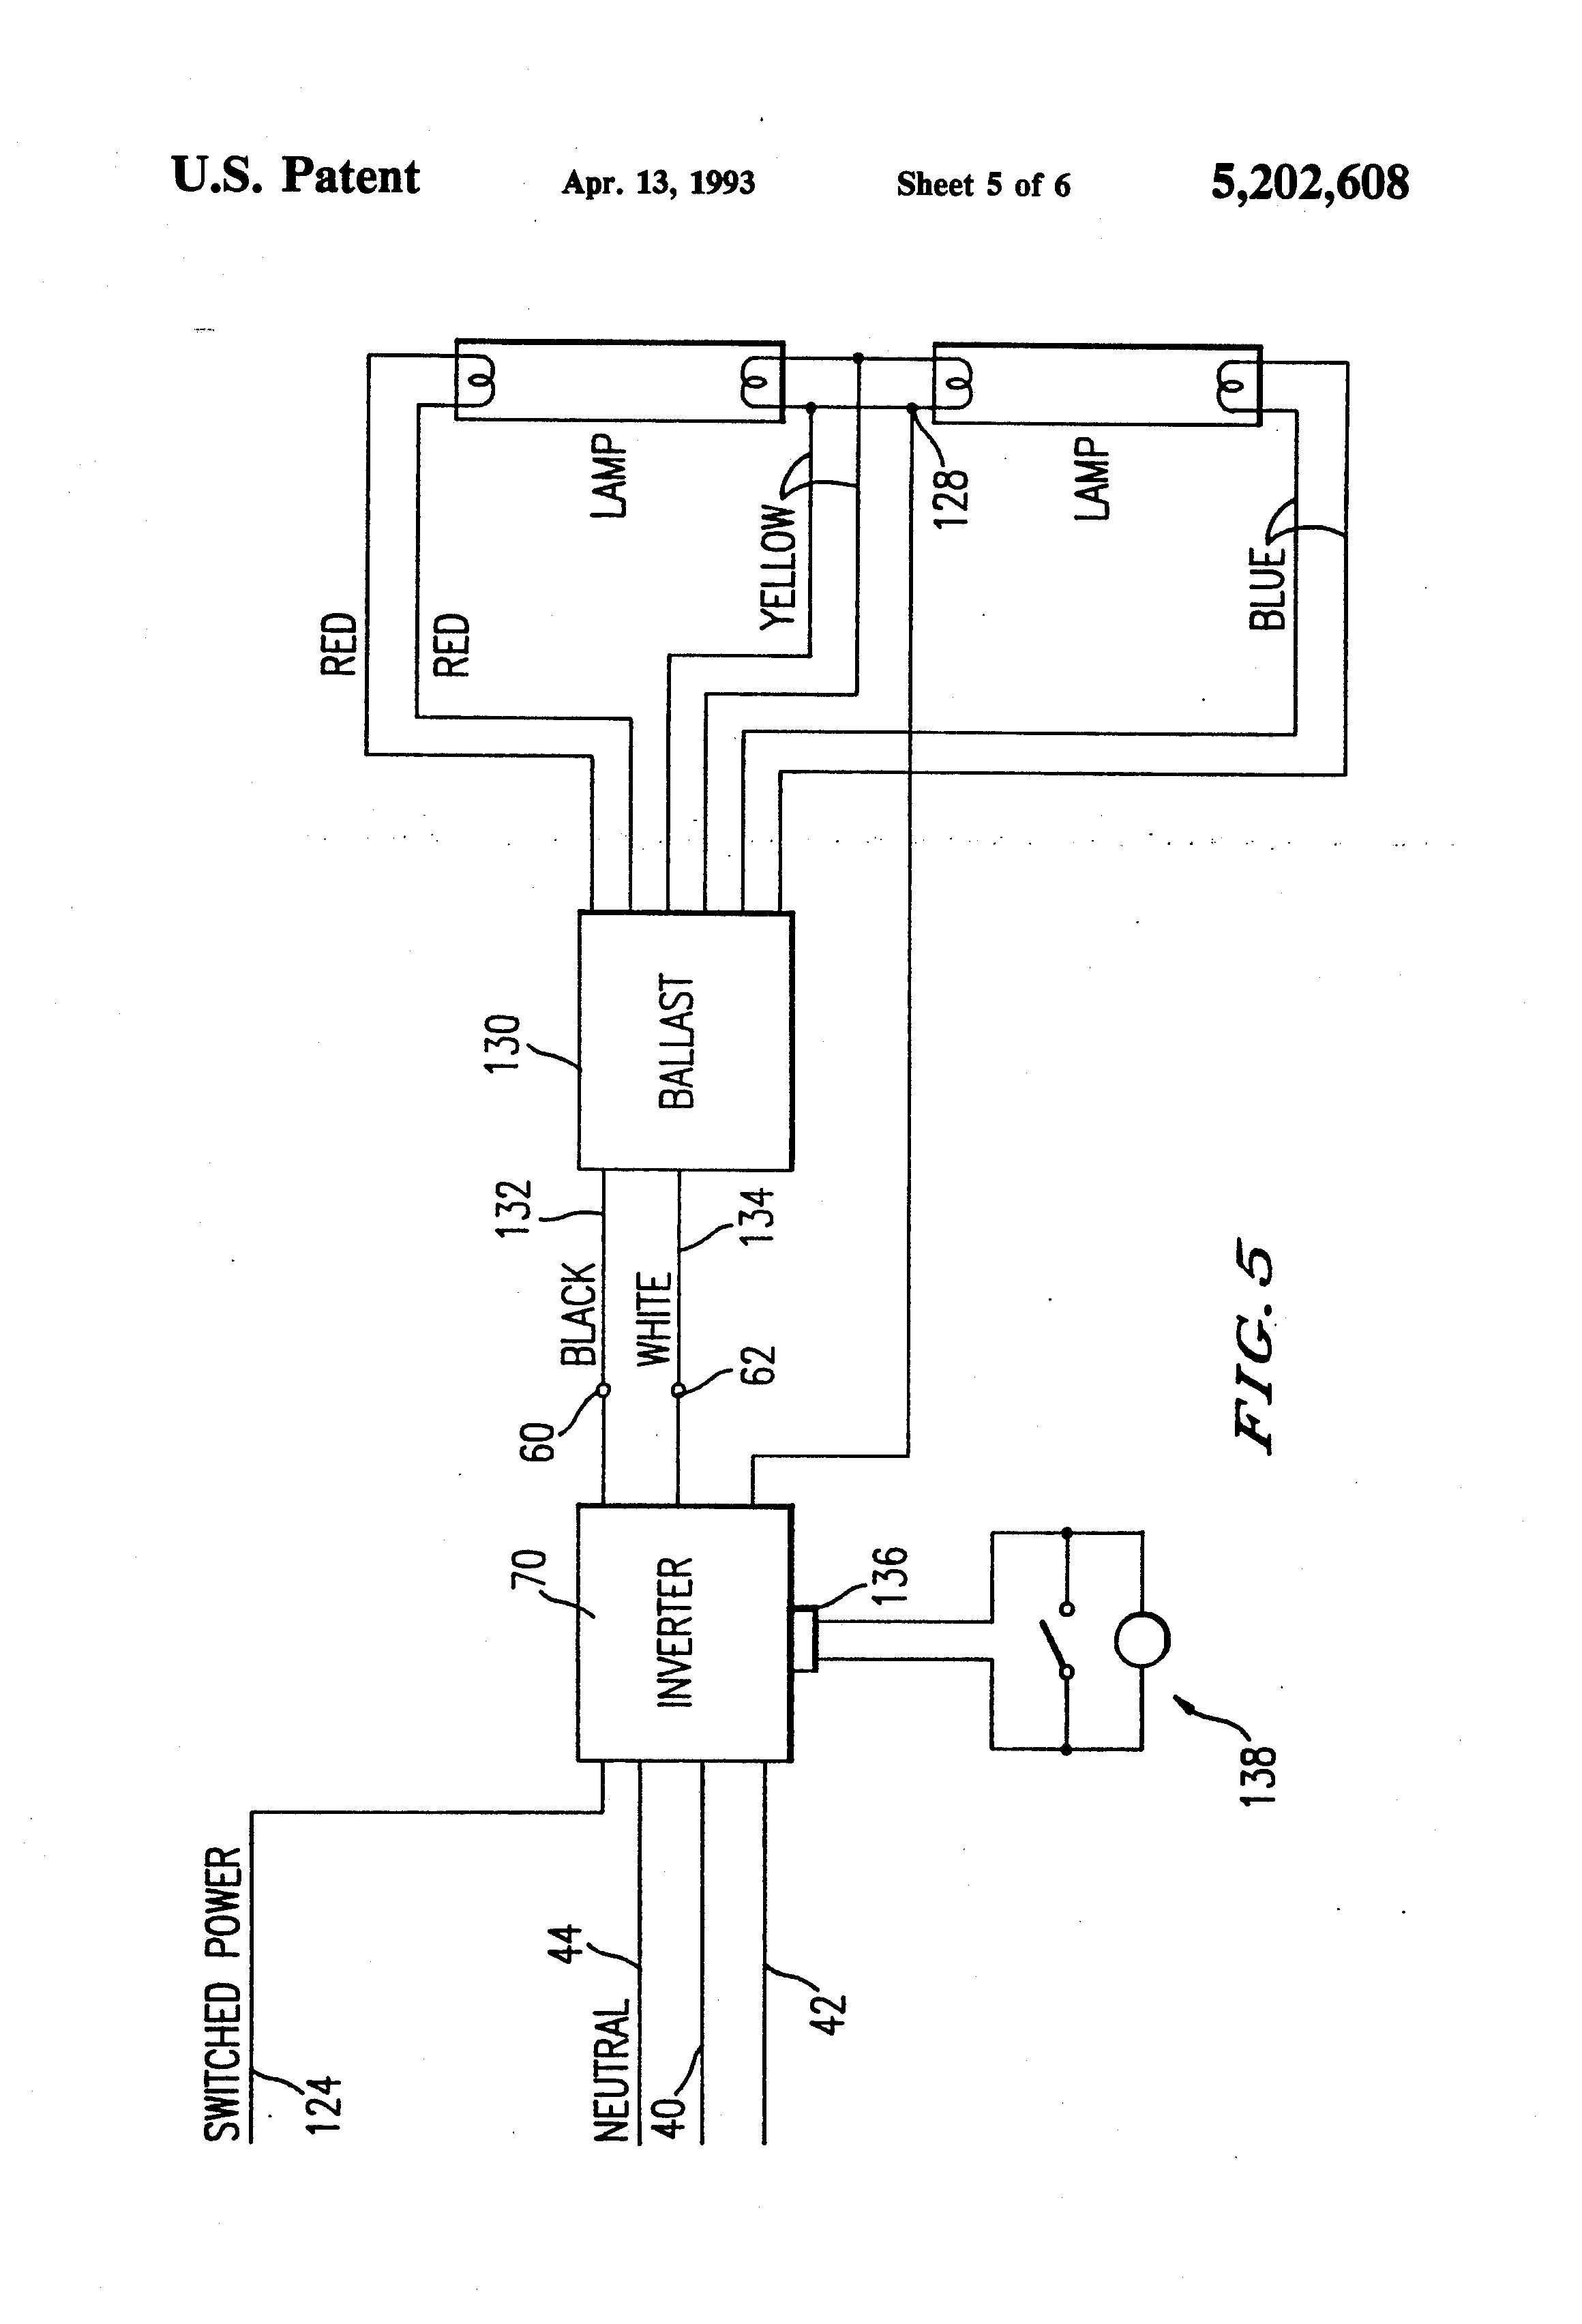 2 Lamp T8 Ballast Wiring Diagram | Wirings Diagram  Bulb Ballast Wiring Diagram on two lamp ballast wire diagram, ballast replacement diagram, 4 bulb ballast wiring two, 4 pin ballast wiring diagram, 2 bulb ballast wiring diagram, fluorescent fixtures t5 circuit diagram,